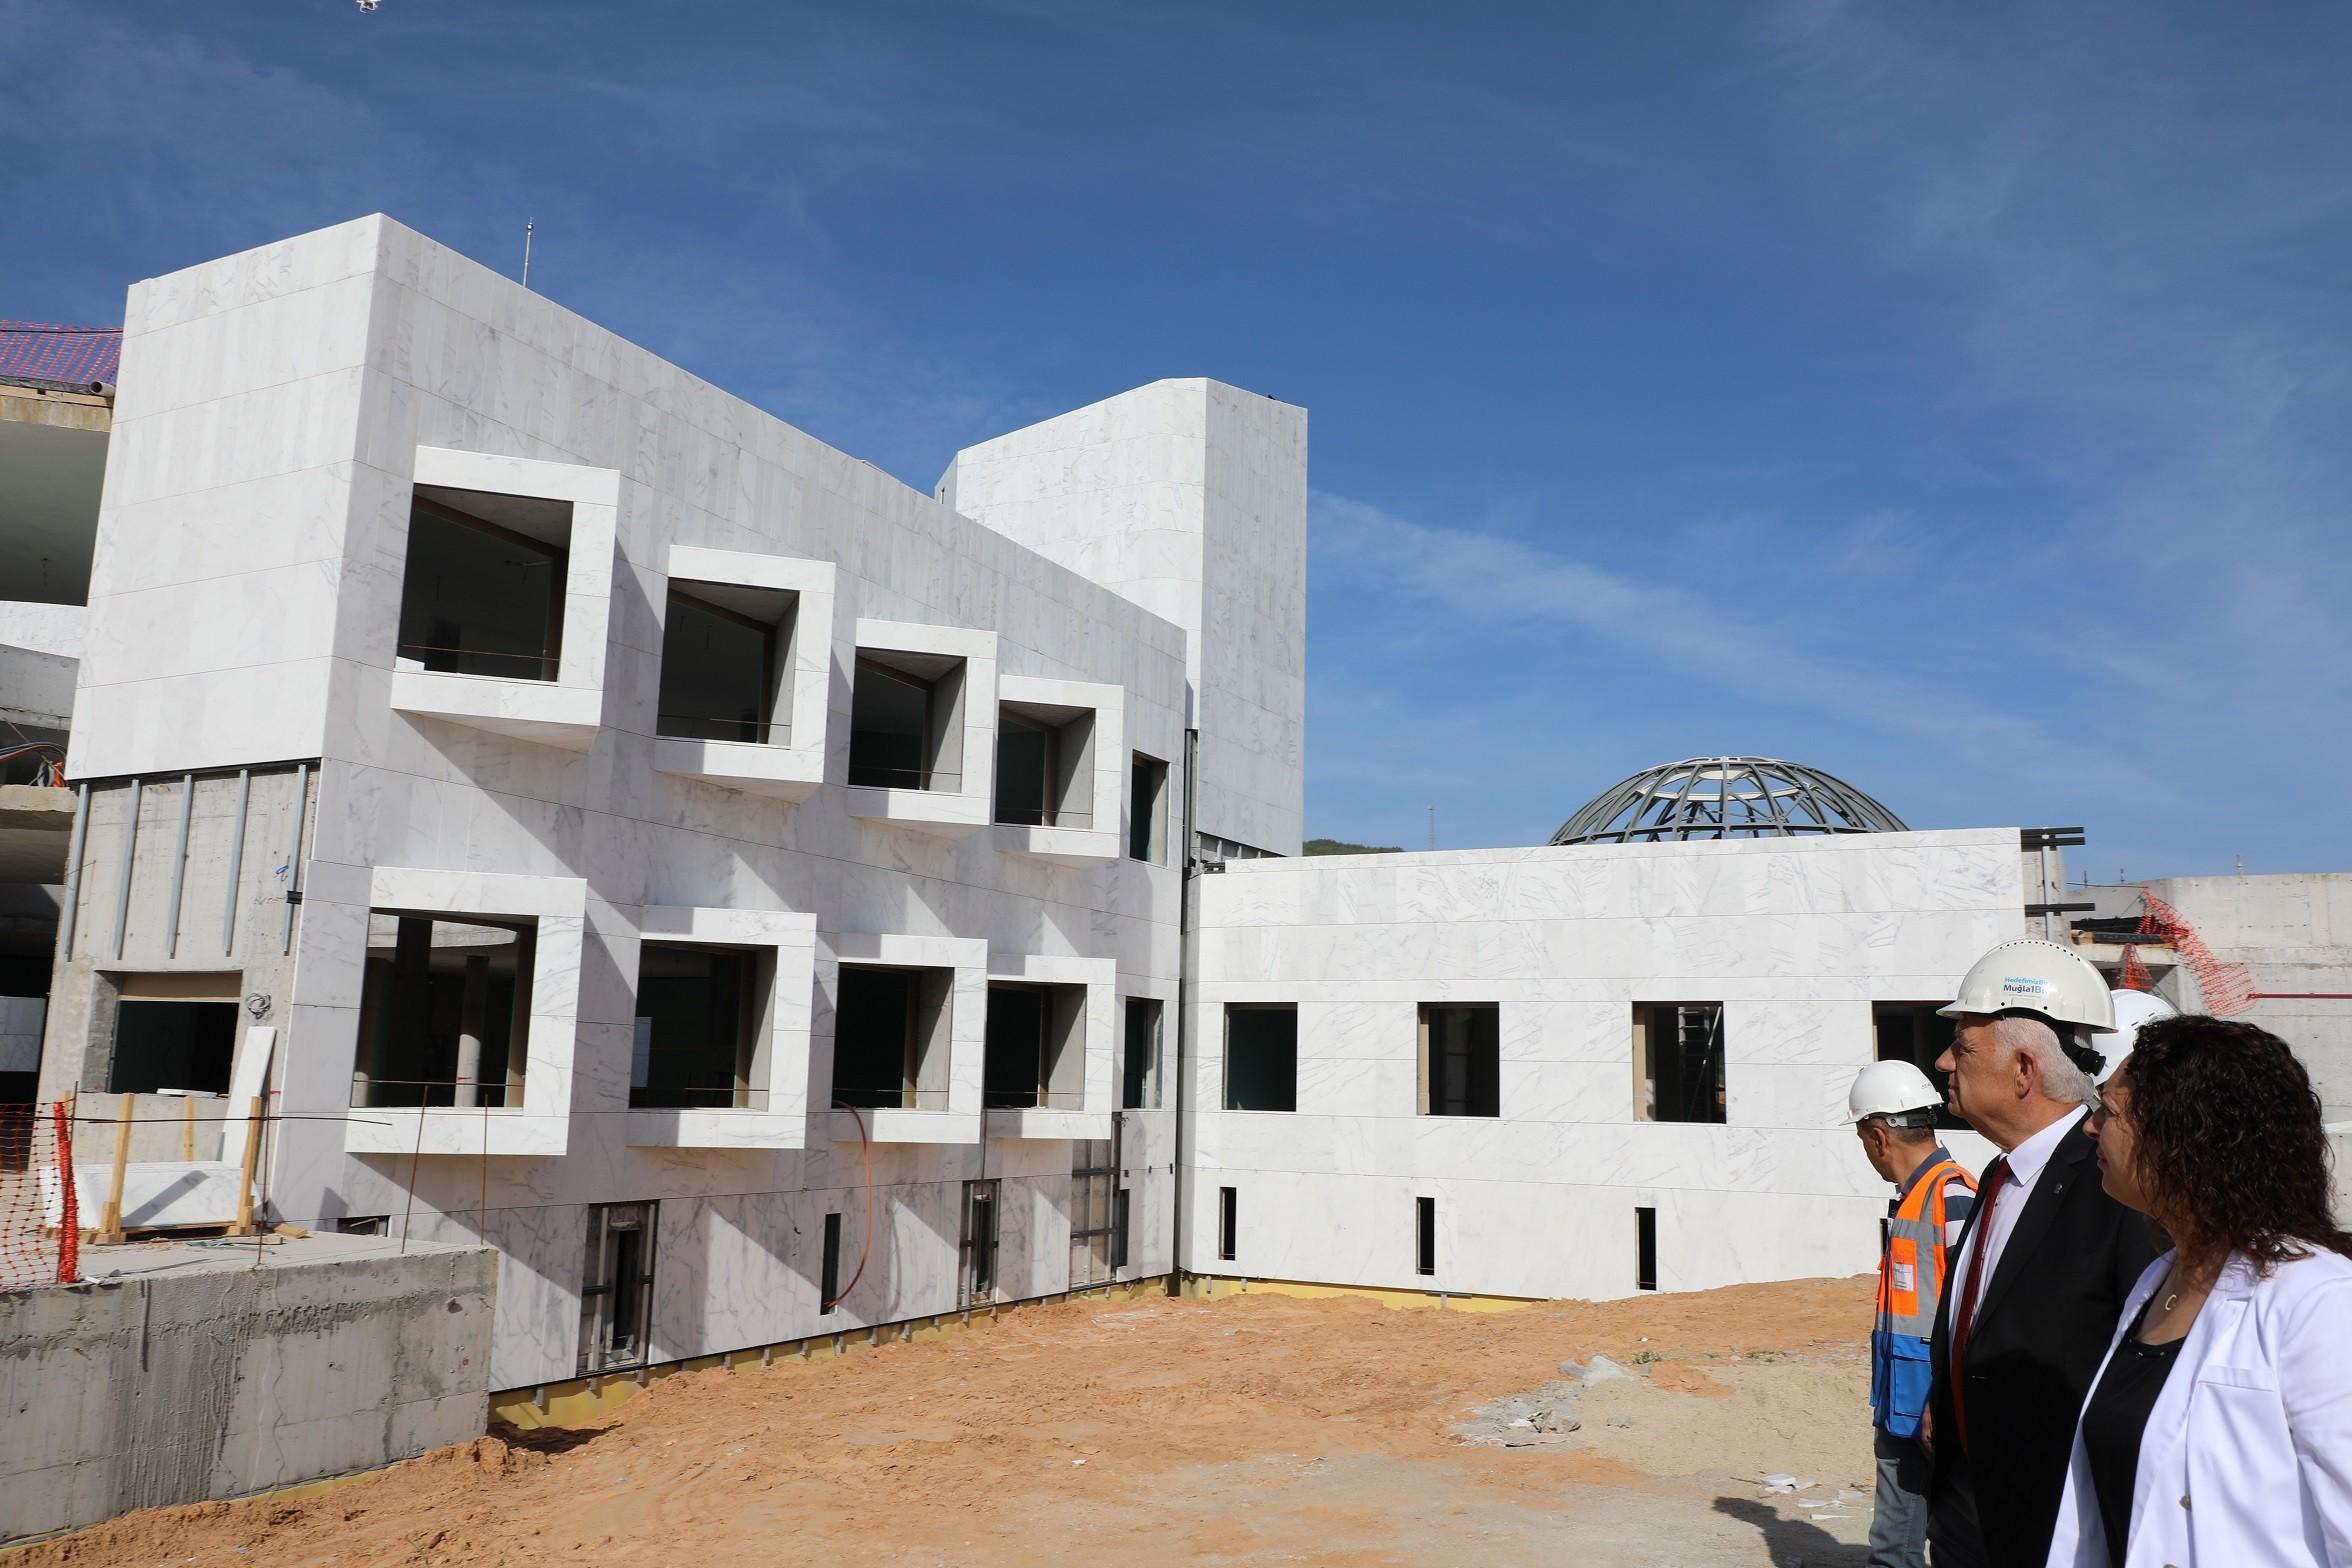 muğla bölge müzesi BÖLGE MÜZESİ YAZ SONUNDA HİZMETE GİRECEK… mugla bolge muzesi tamalaniyor 2